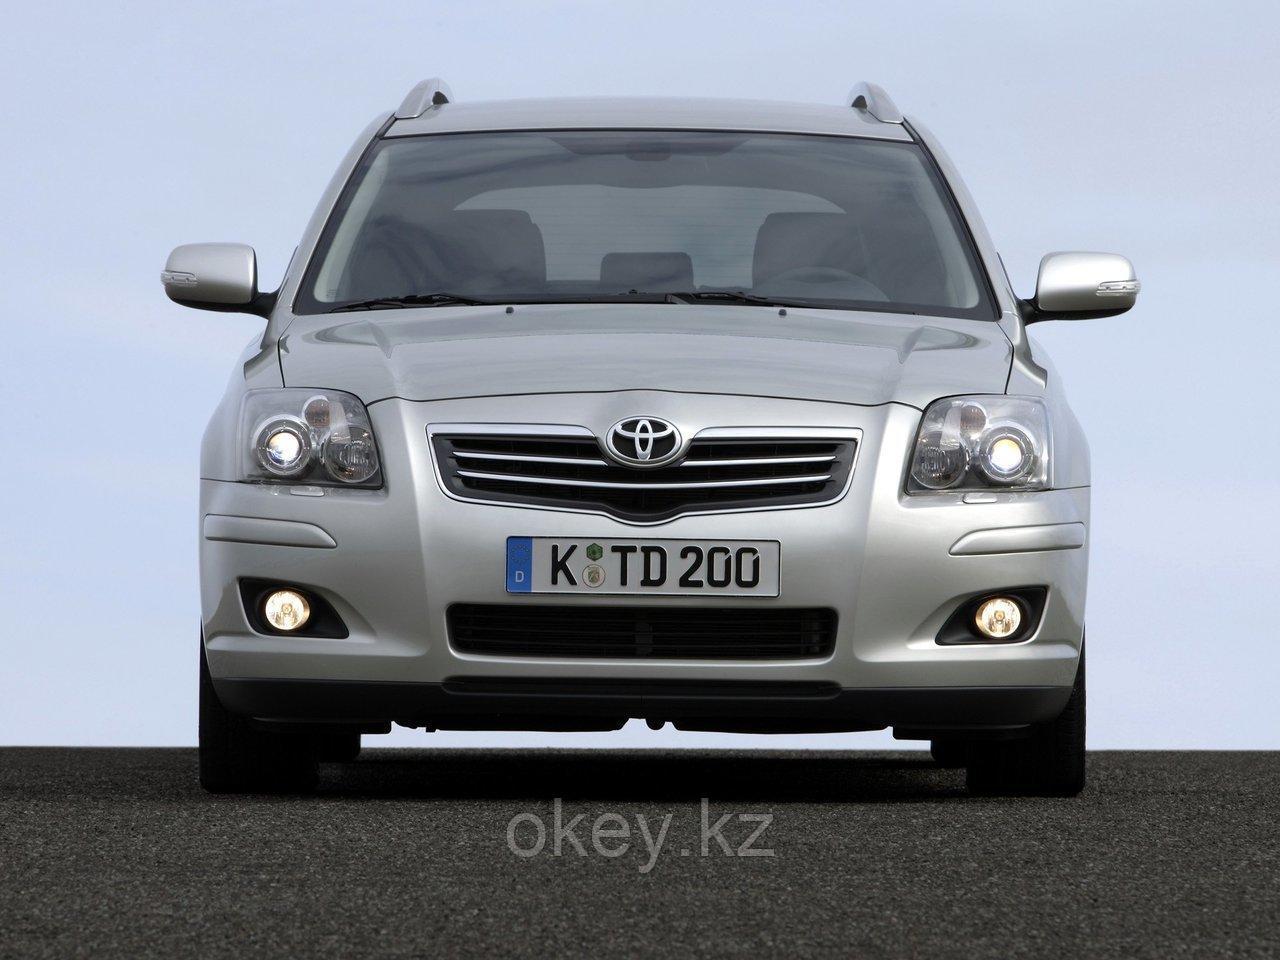 Тормозные колодки Kötl 3336KT для Toyota Avensis II универсал (T25_) 2.2 D-4D, 2005-2008 года выпуска.